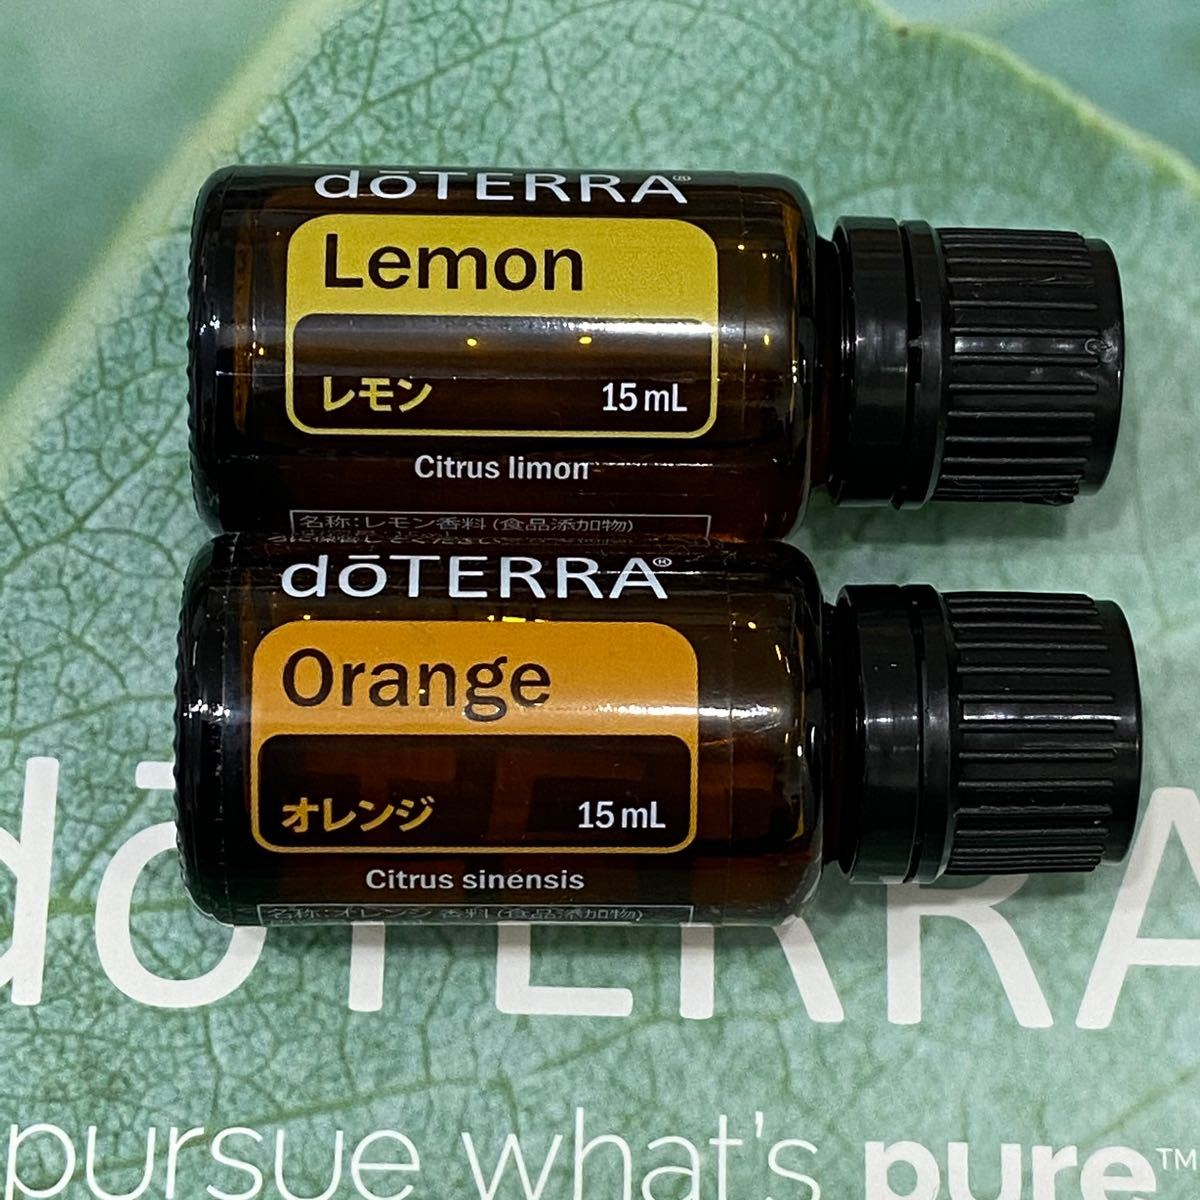 ドテラ doTERRA レモン オレンジ  エッセンシャルオイル